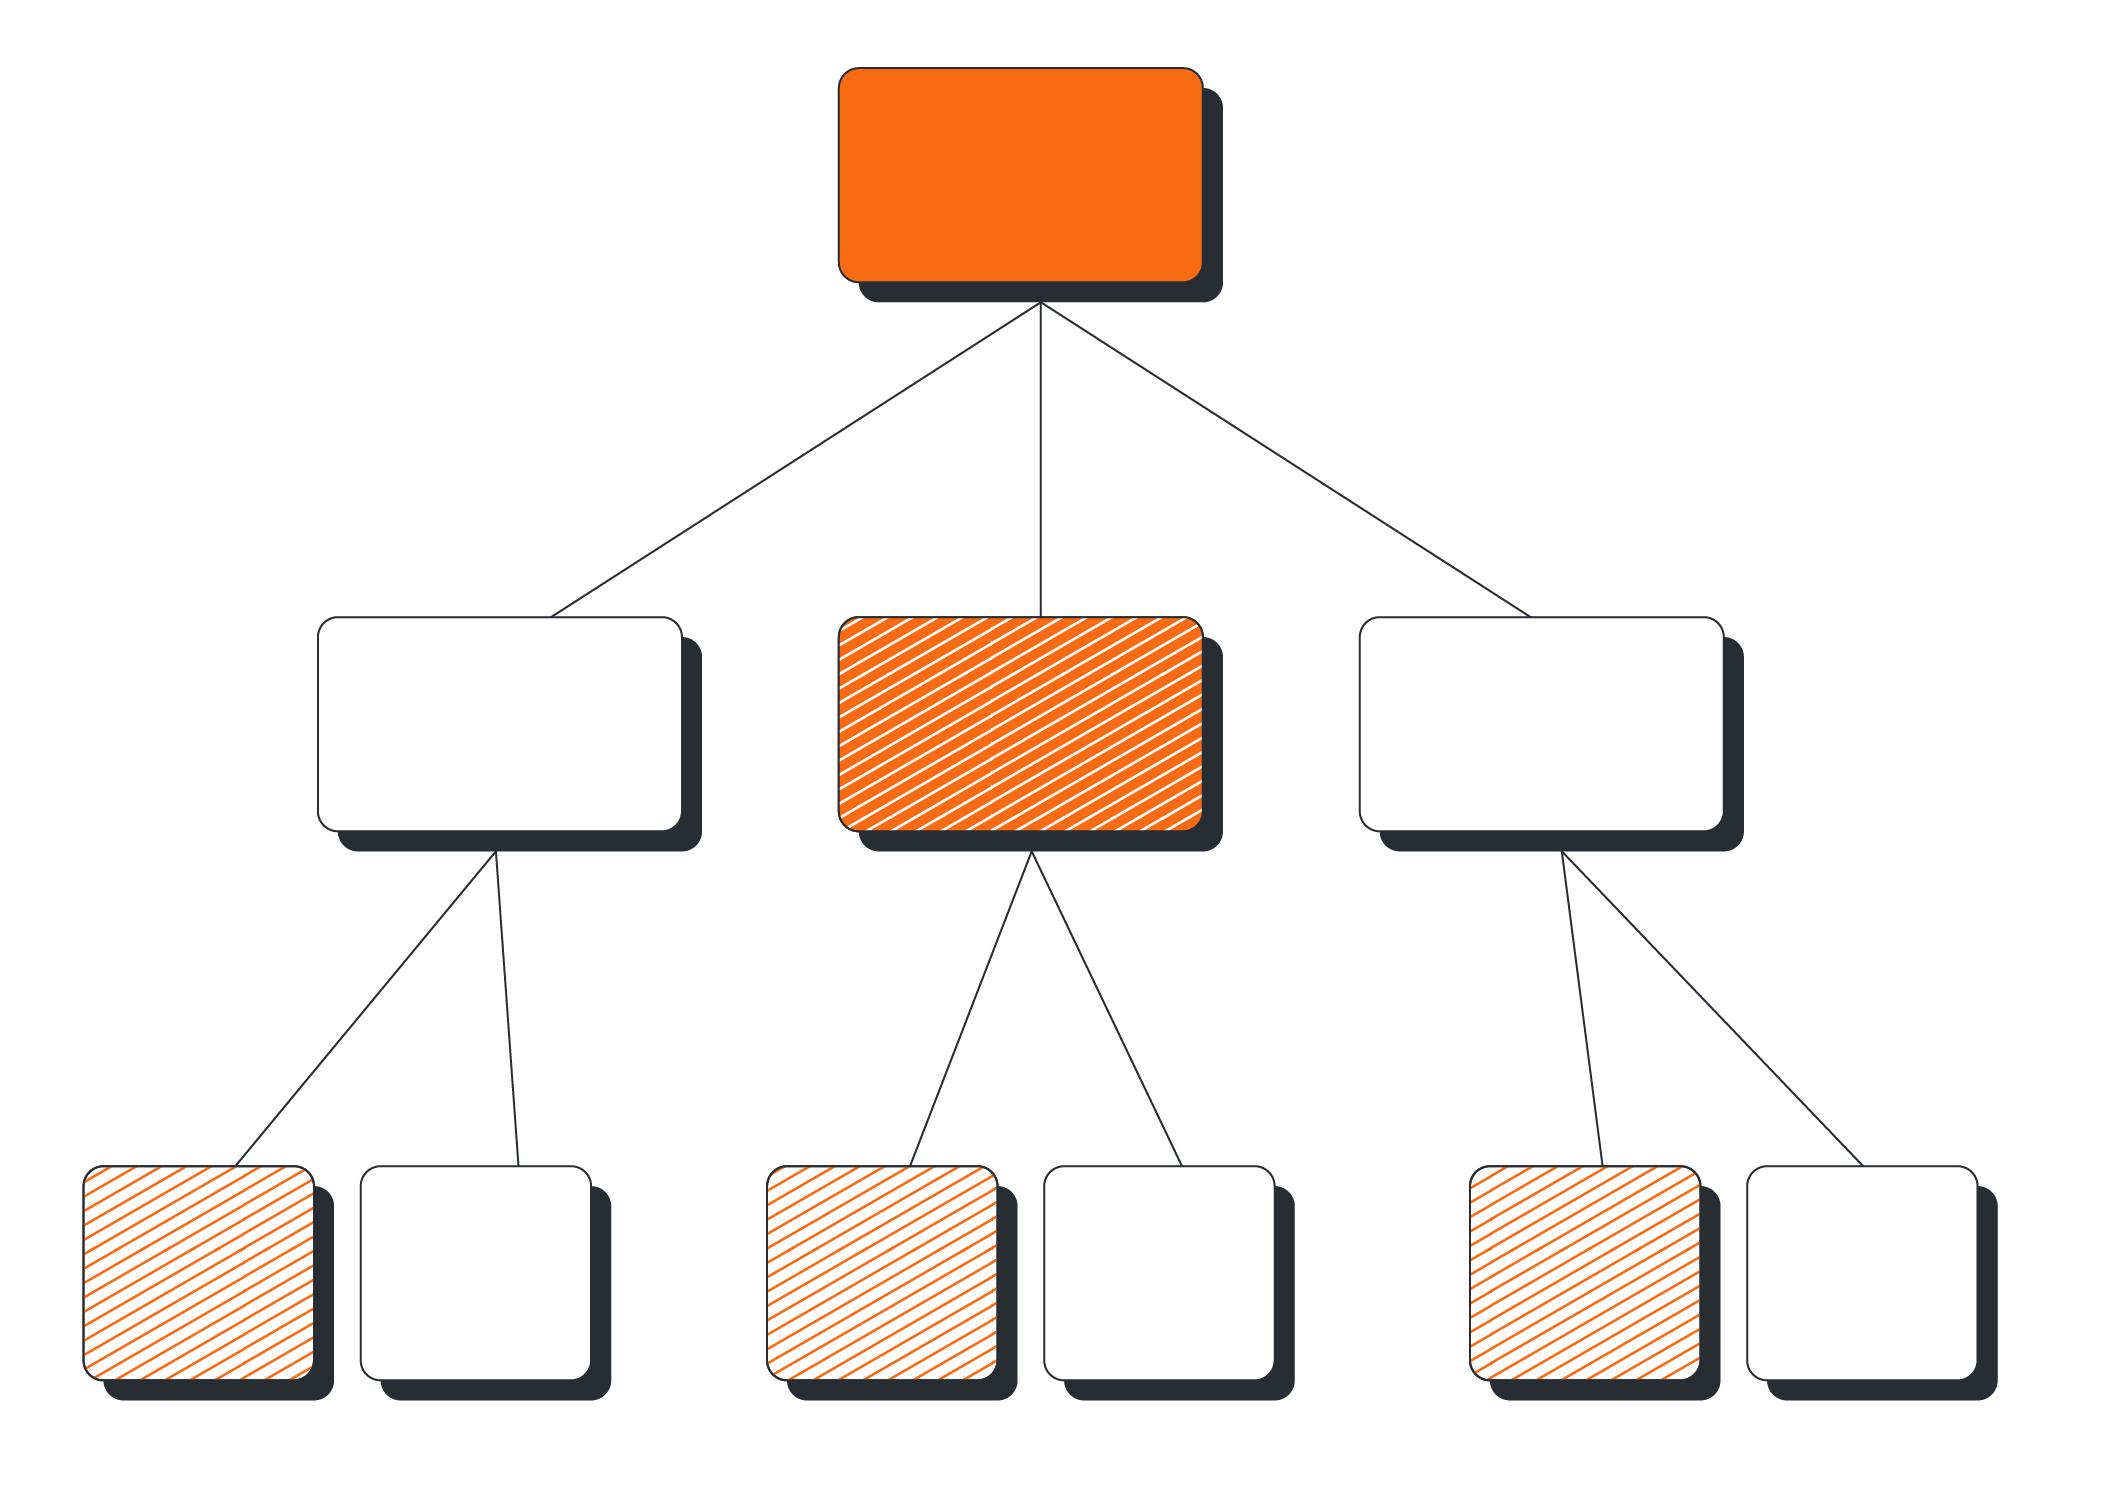 Imagen de un diagrama de árbol de decisión